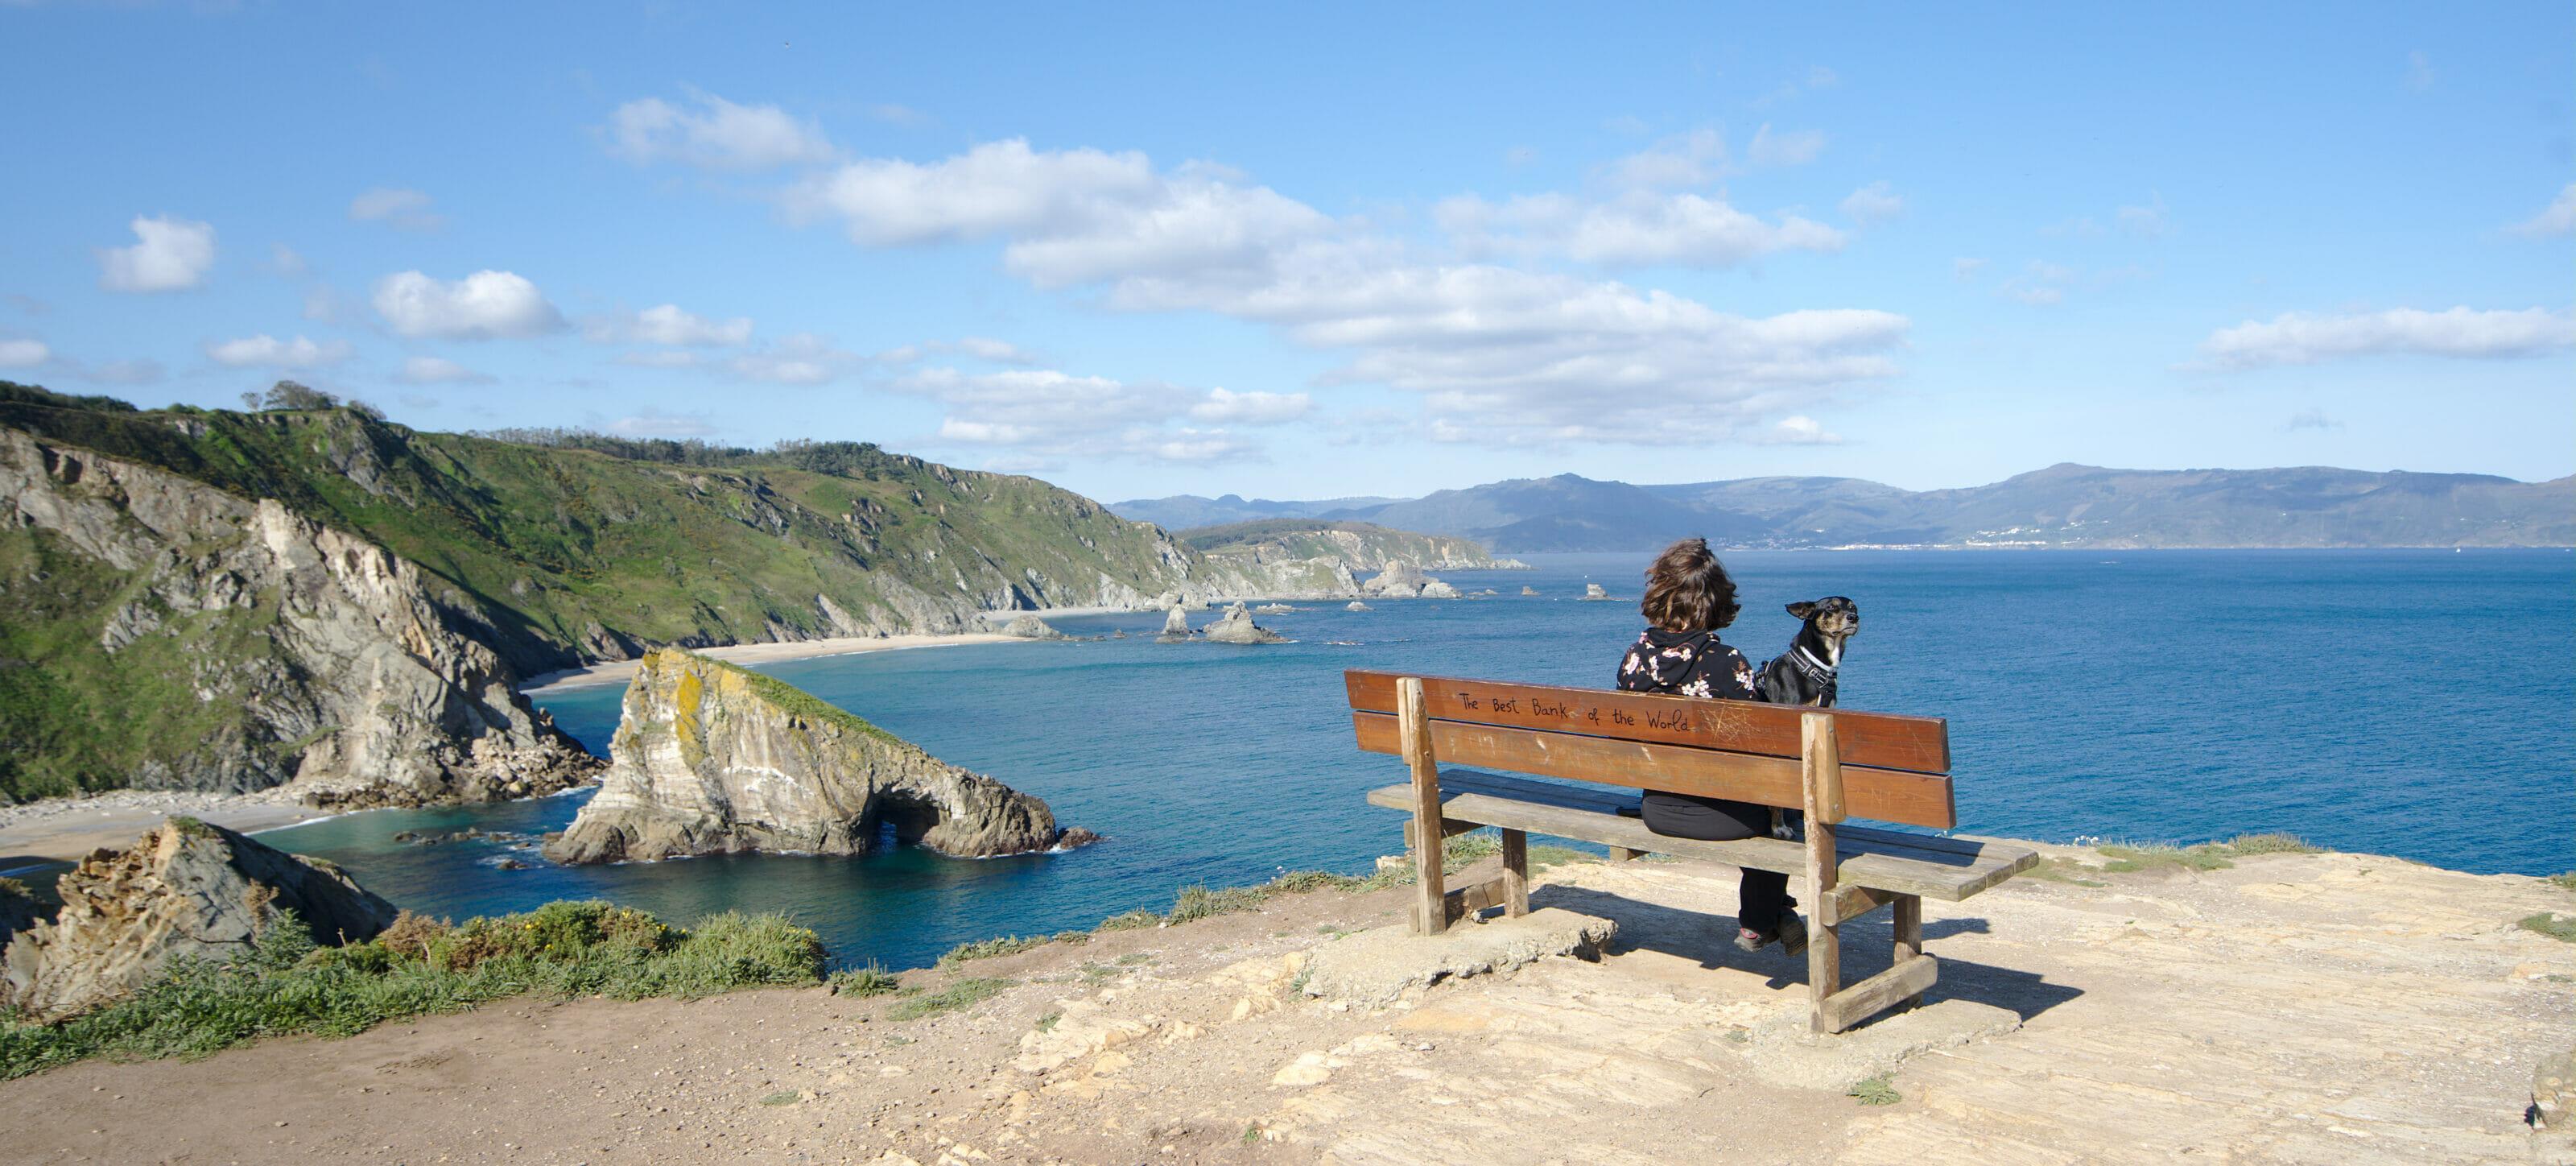 le meilleure banc du monde à Loiba dans les Rias Altas de Galice